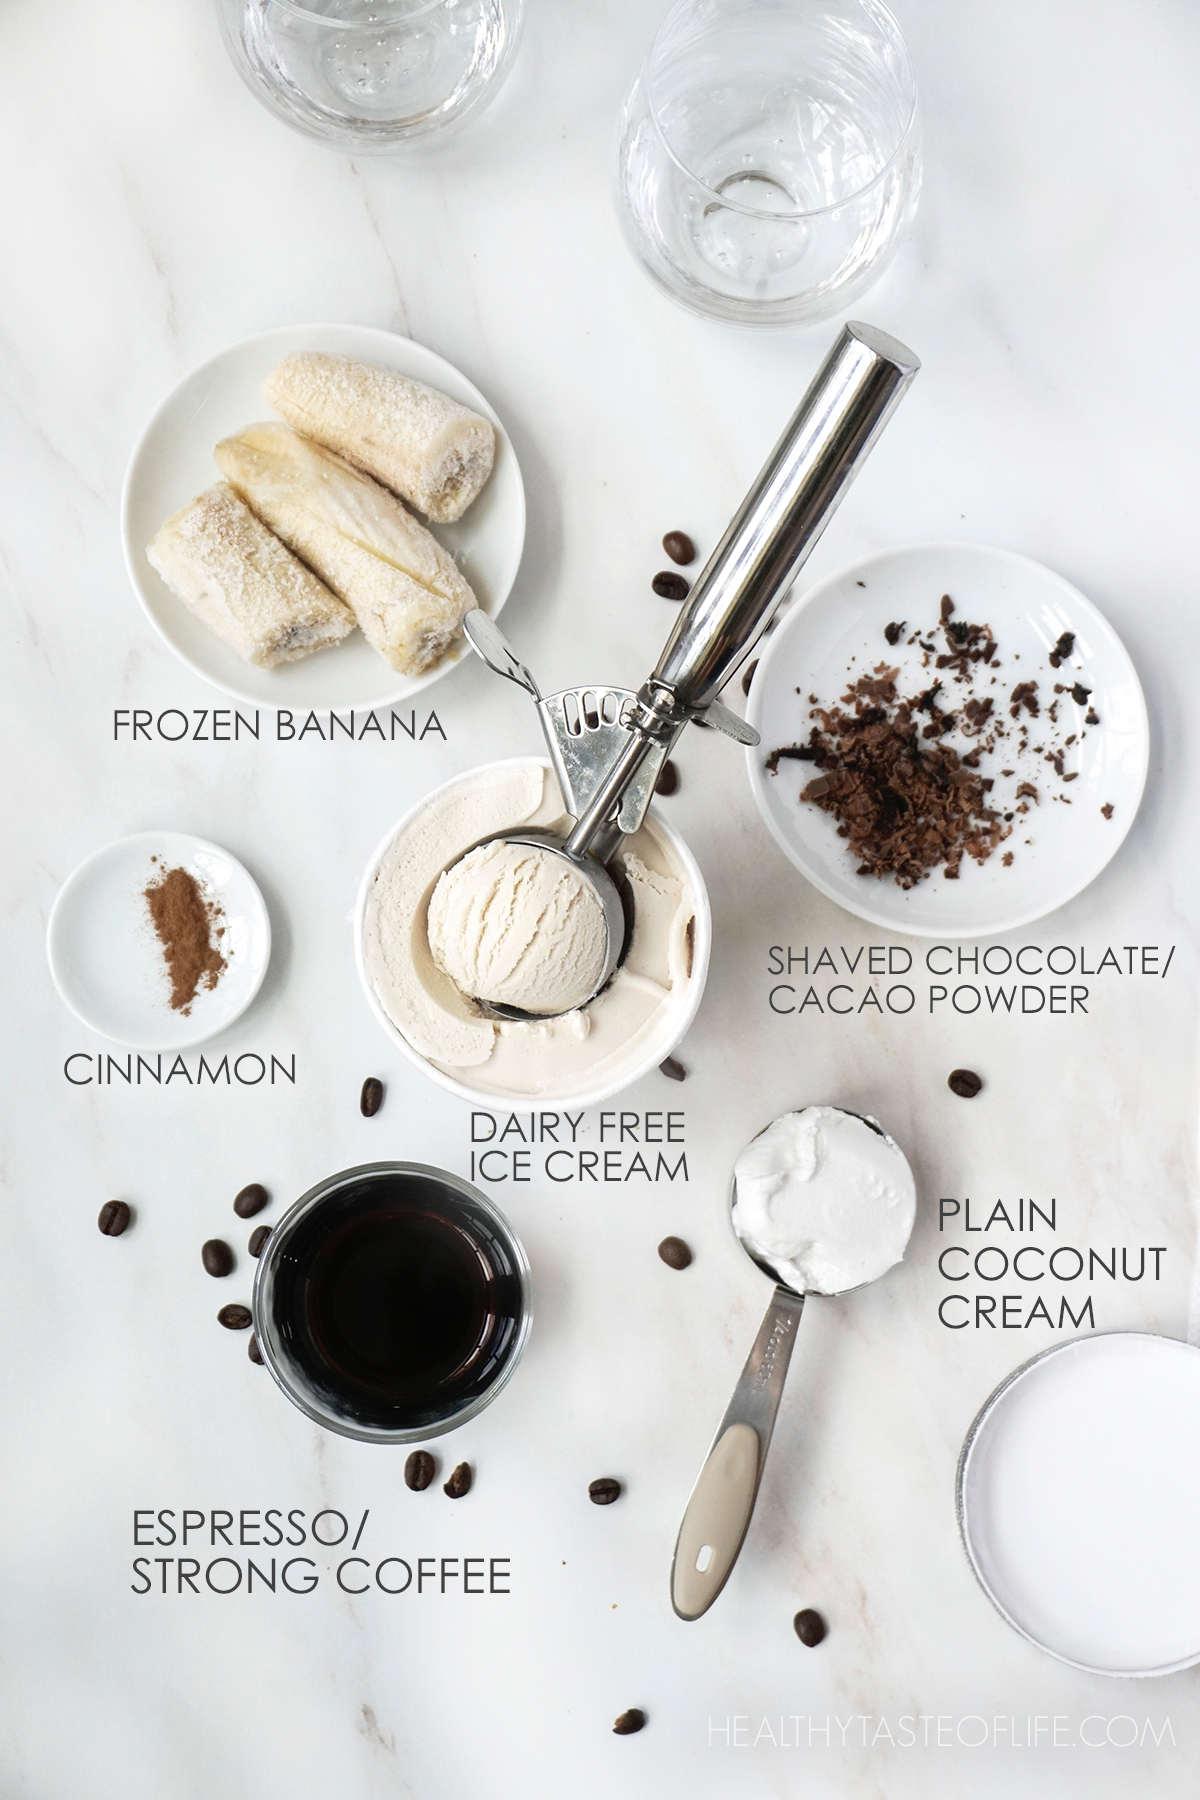 Ingredients for a coffee milkshake vegan dairy free.